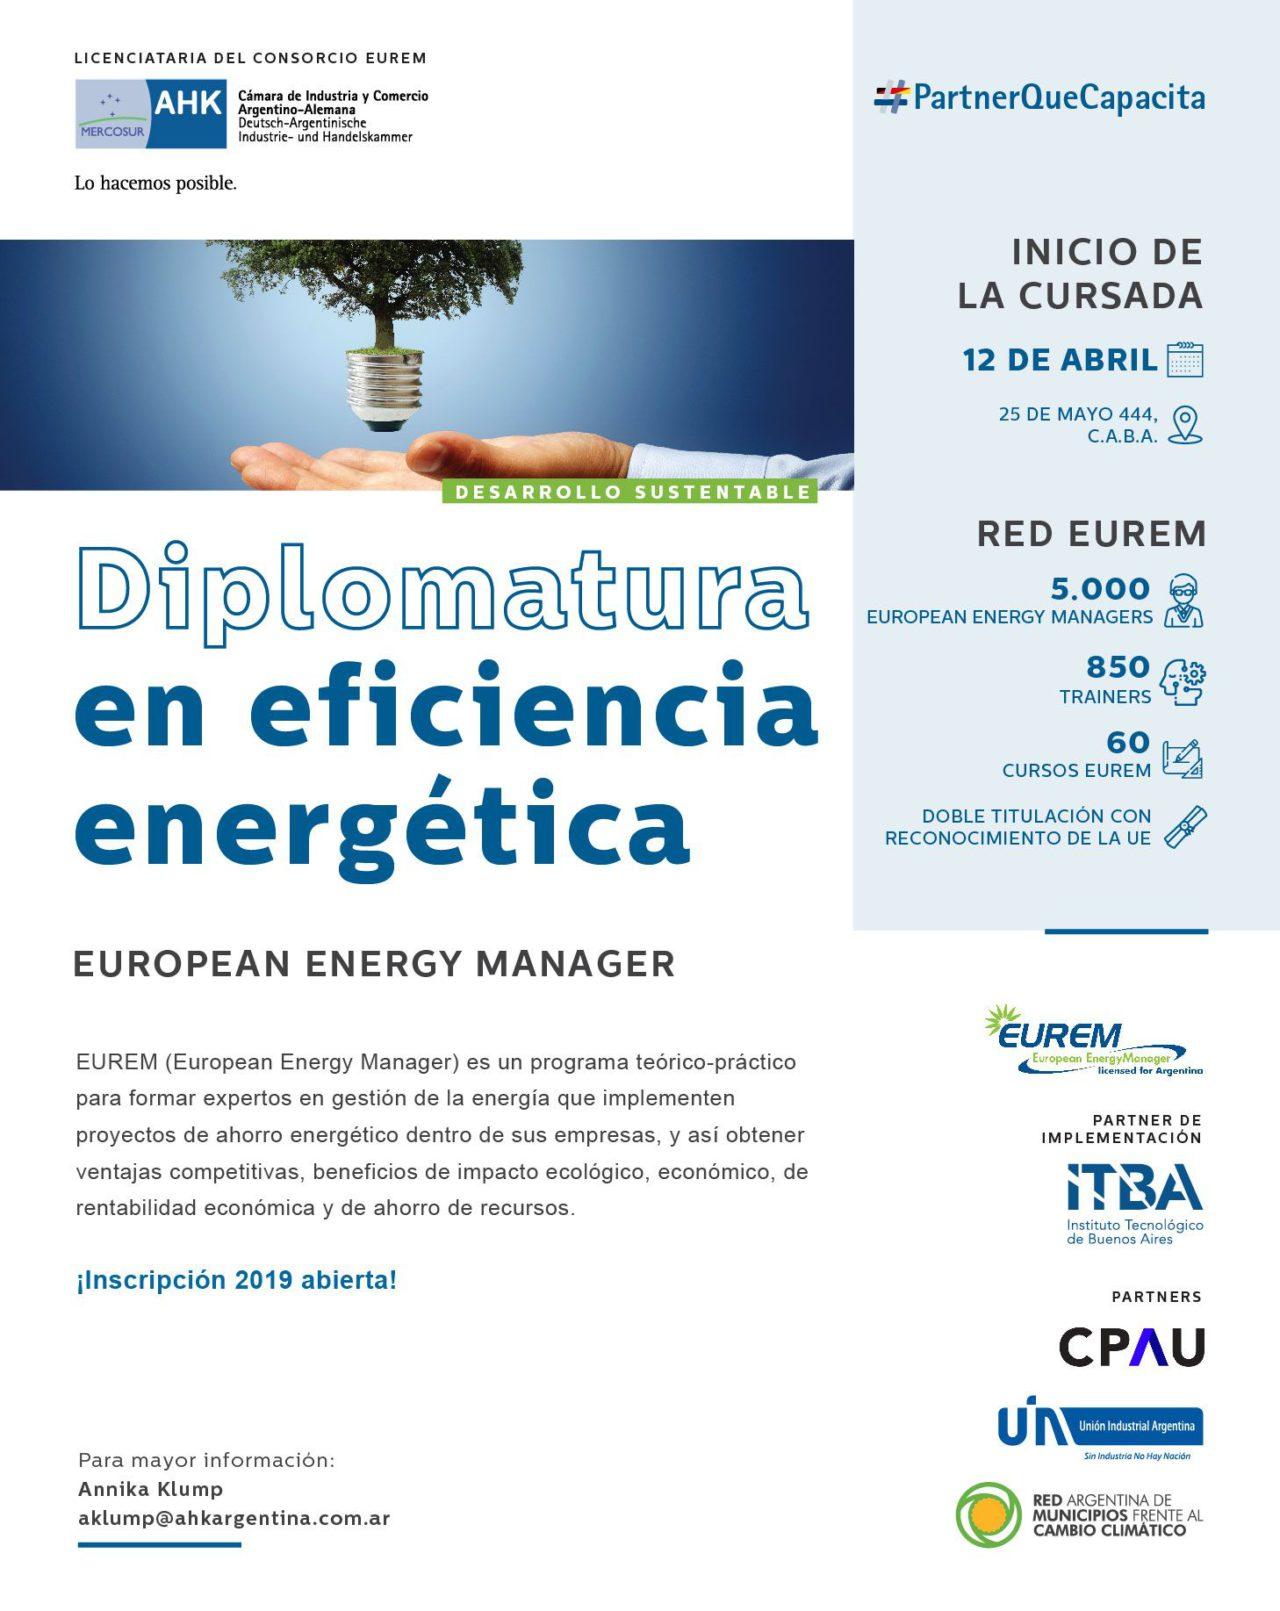 EUREM_Invitación-1280x1611.jpg